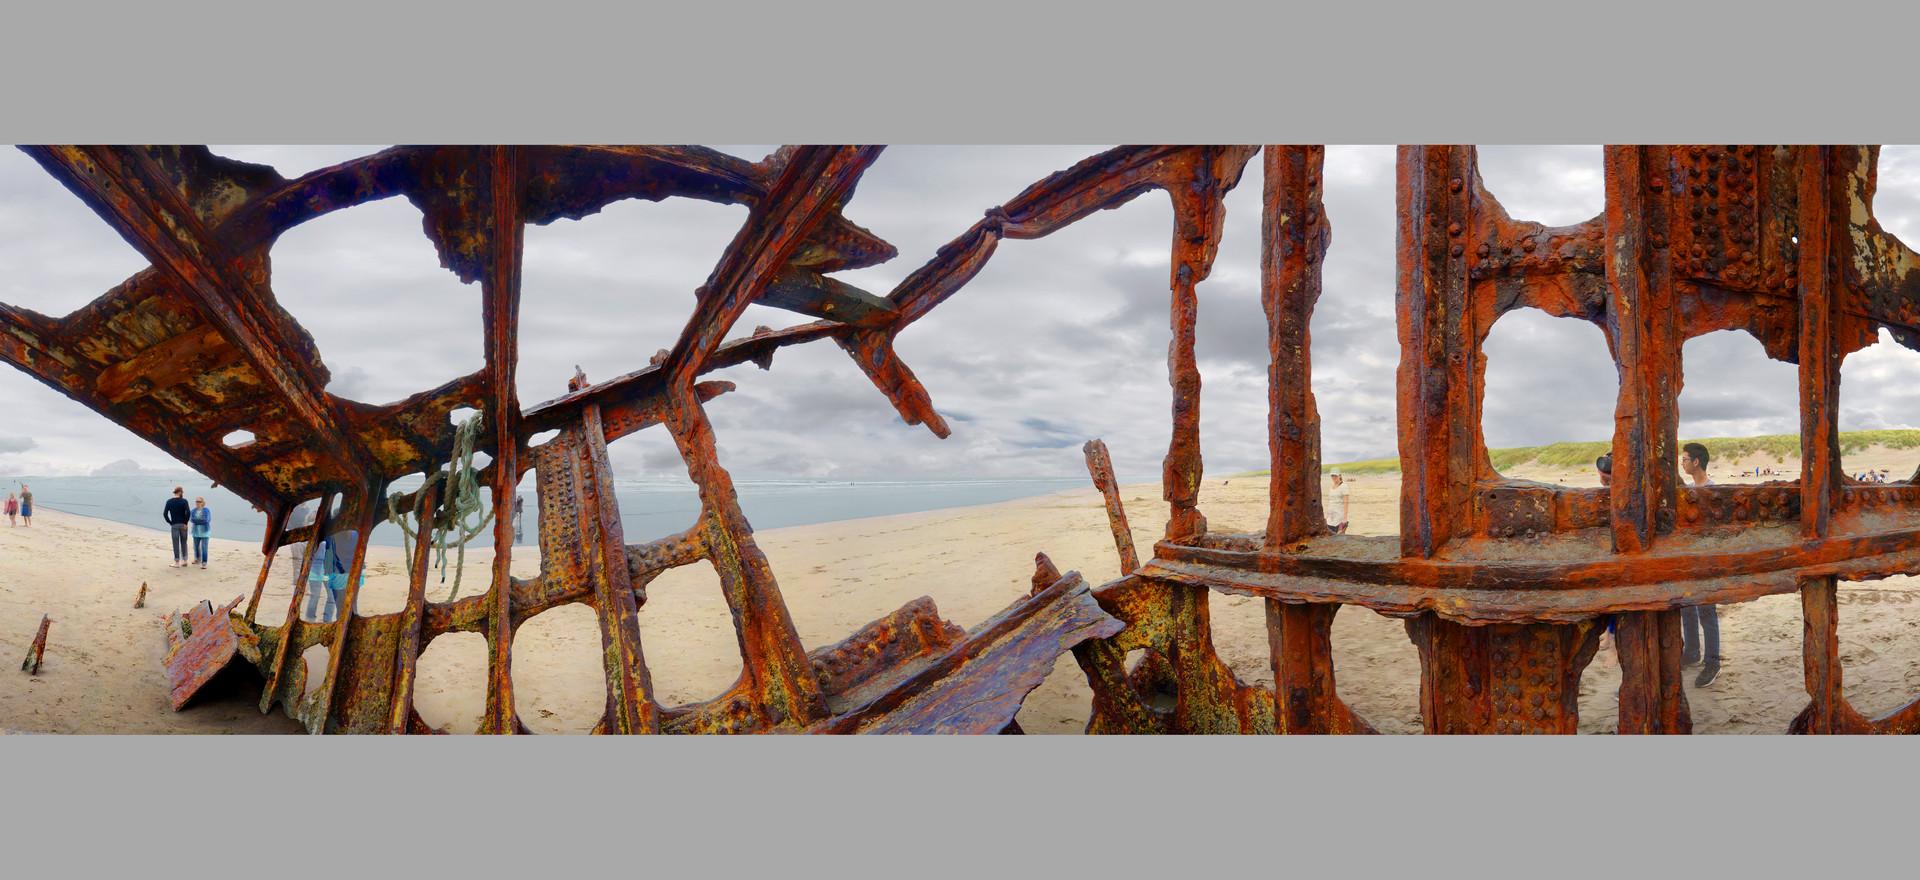 Shipwreck, Fort Stevens, Or